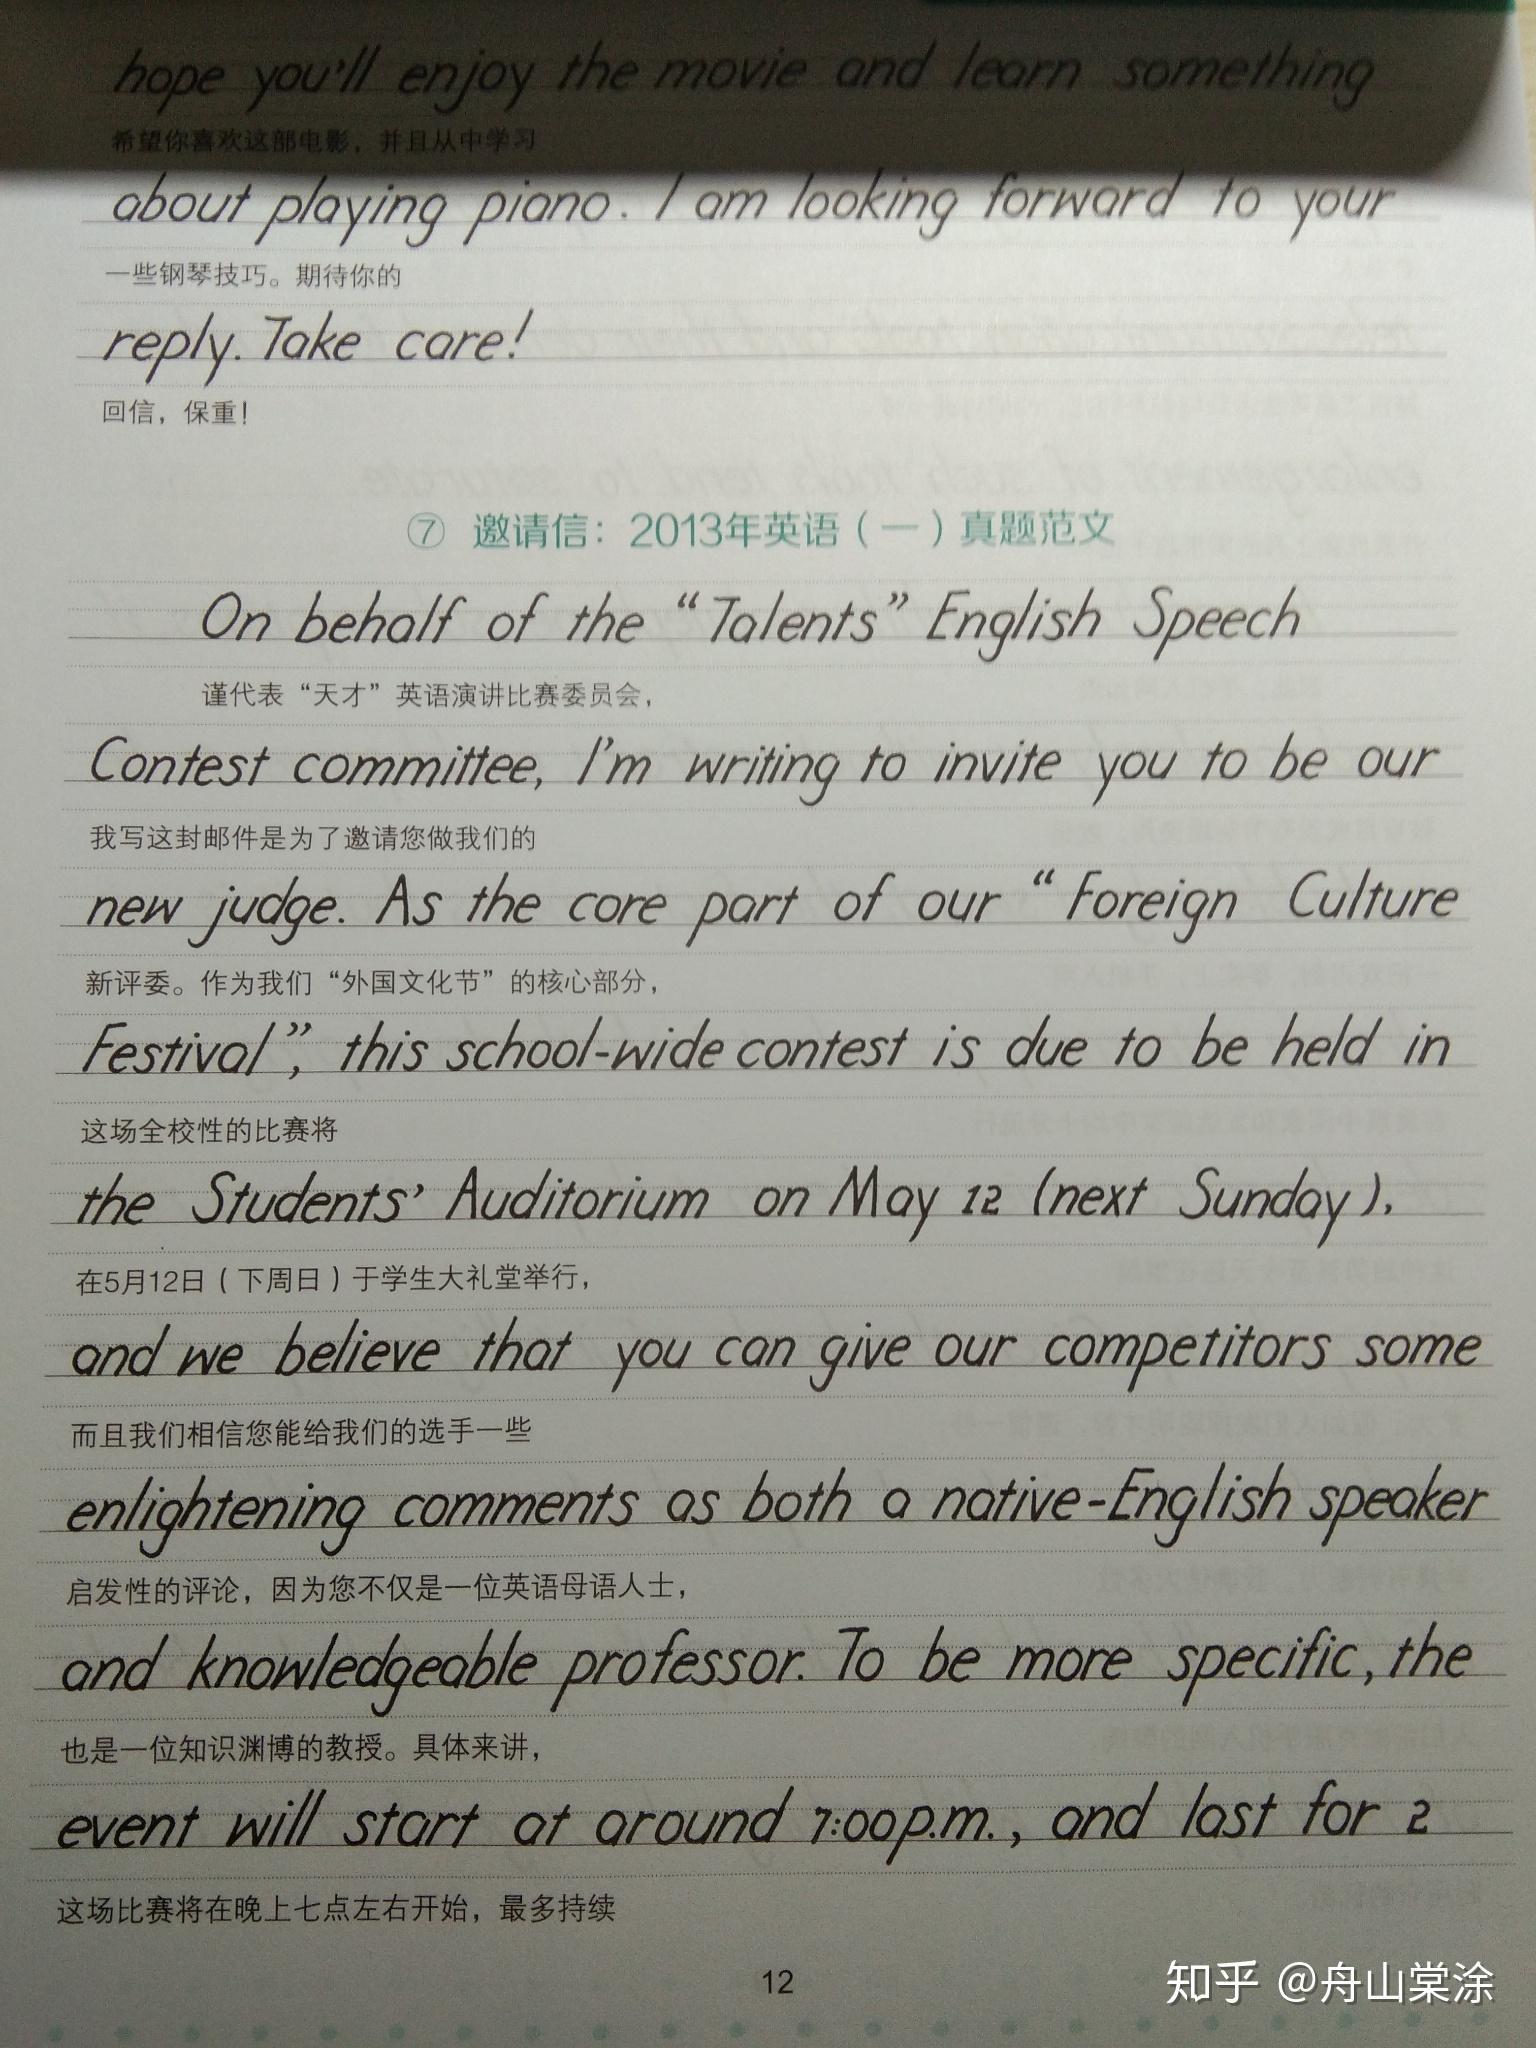 手写字体_考研英语作文字体选择手写印刷体还是衡水体比较好? - 知乎